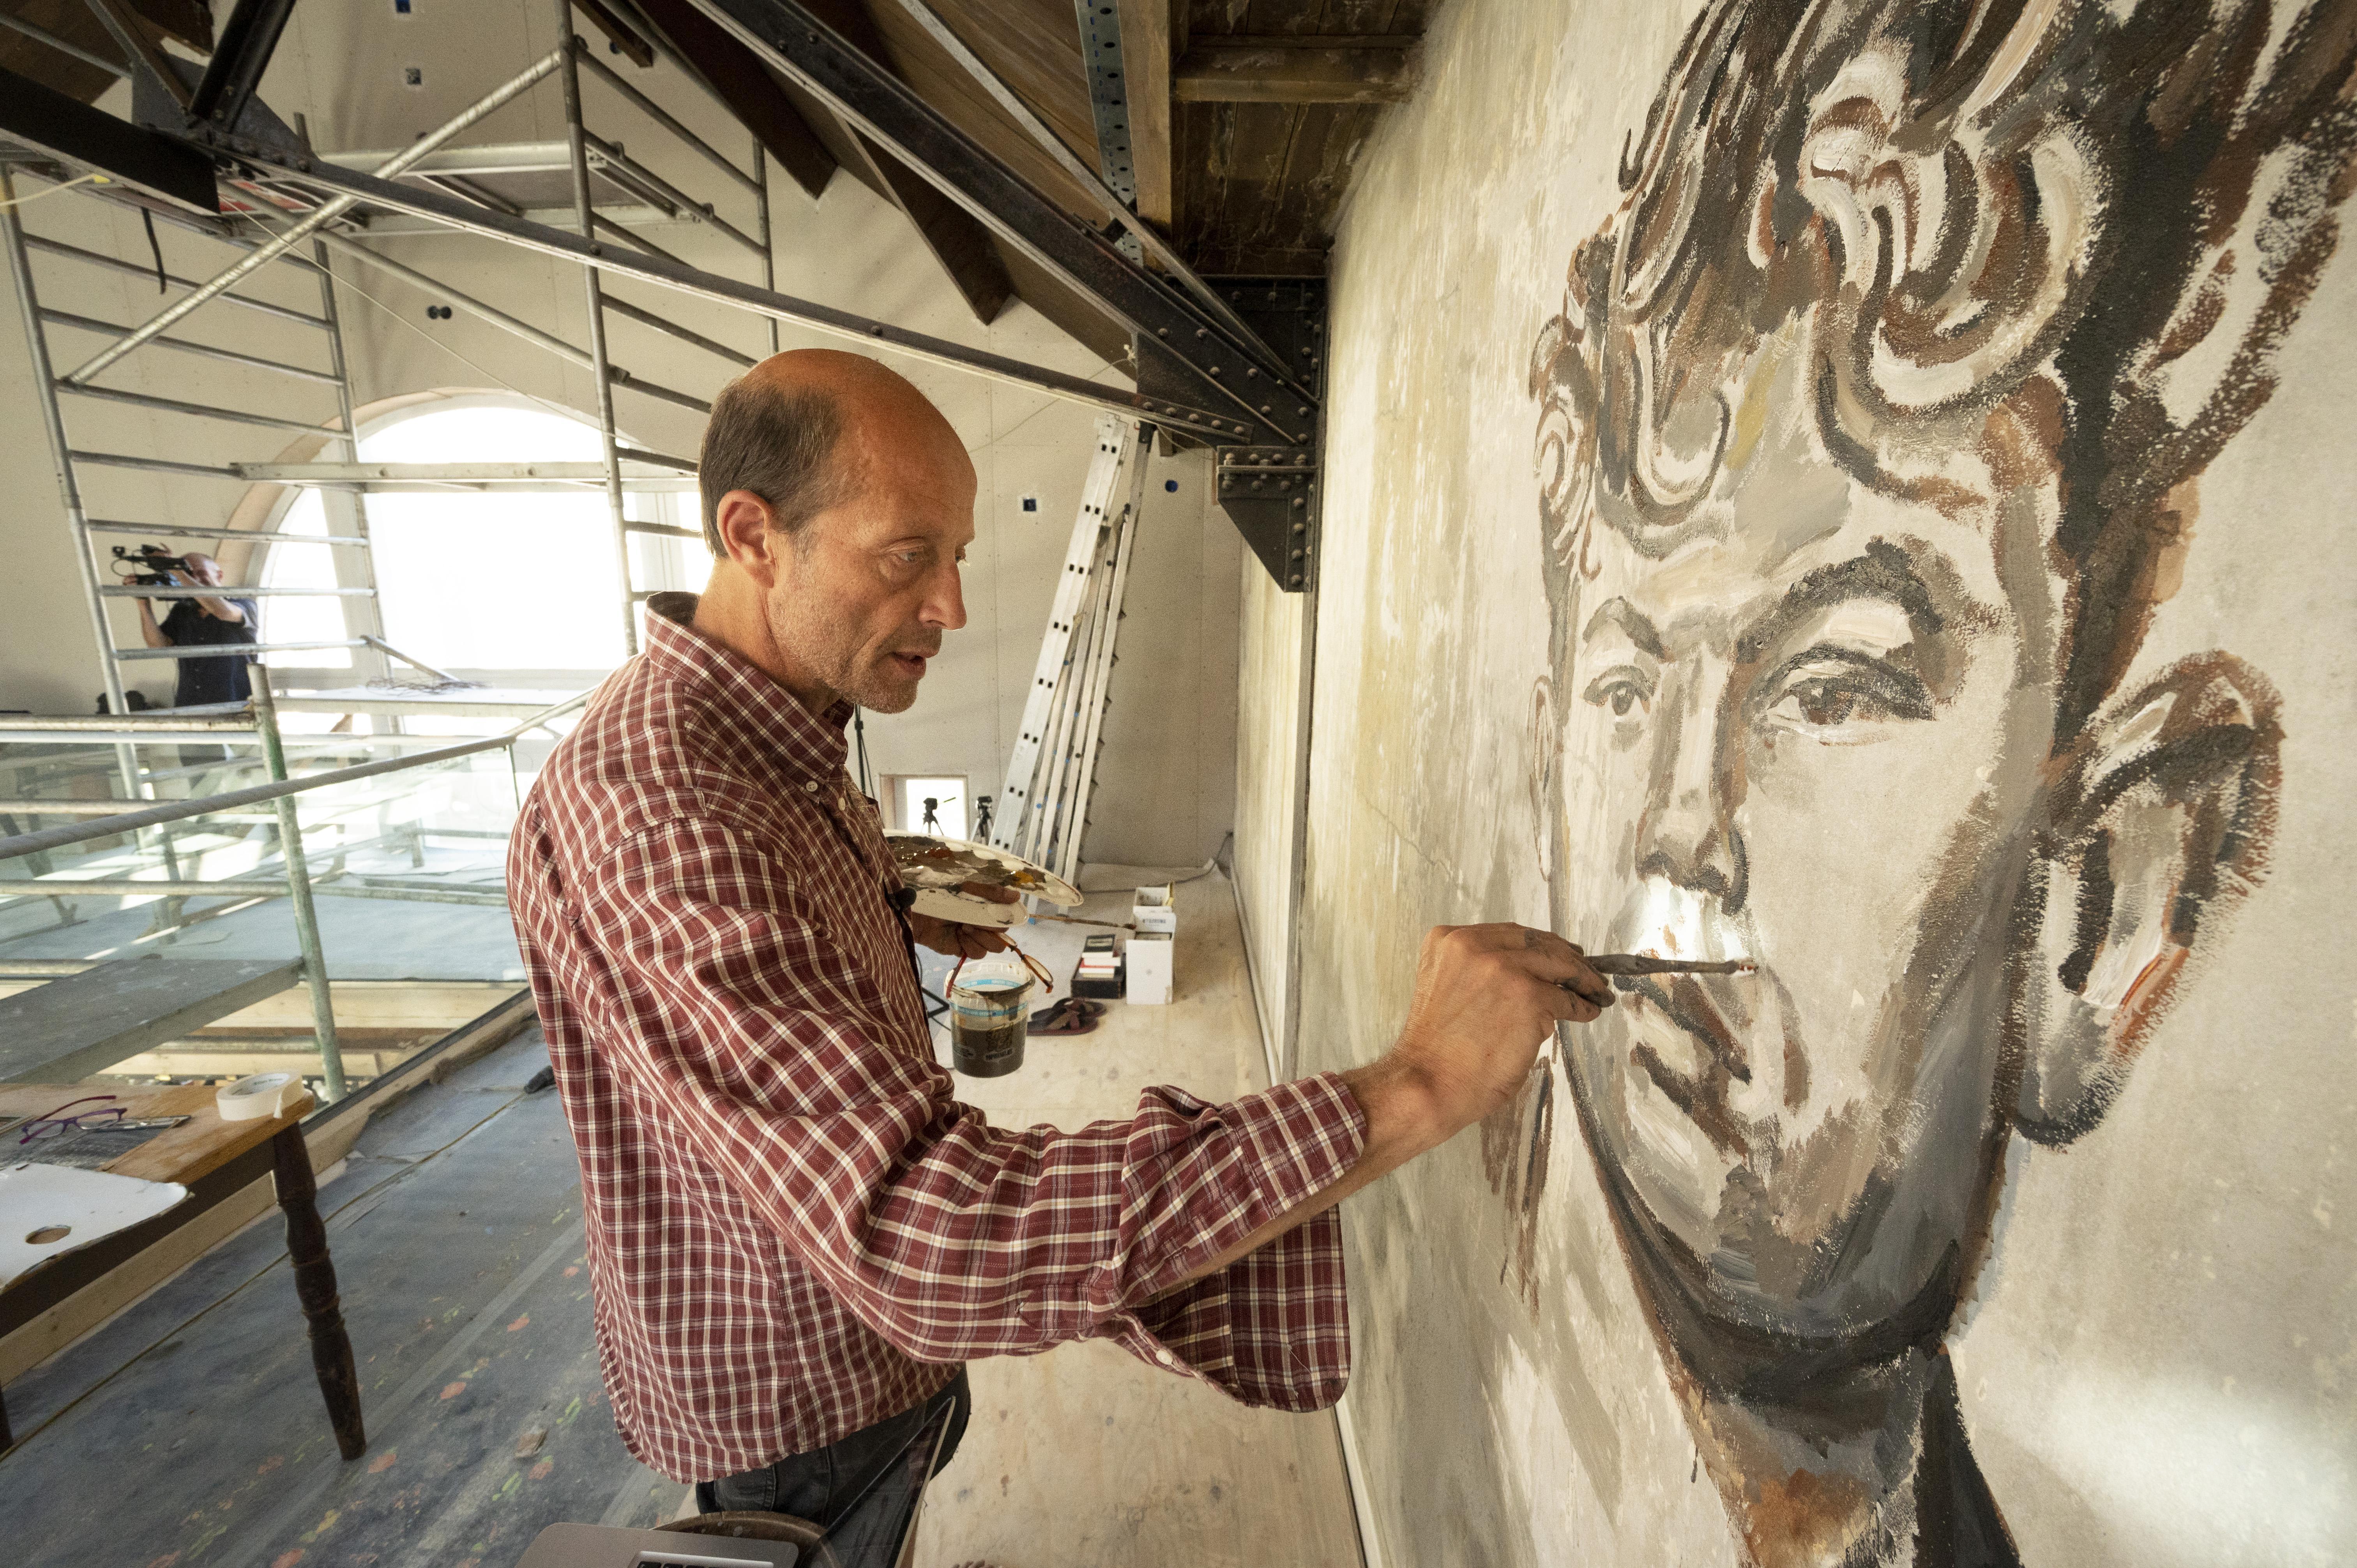 Gijs Donker schildert portret van Marinus van der Lubbe op de muur in Vrijplaats Leiden